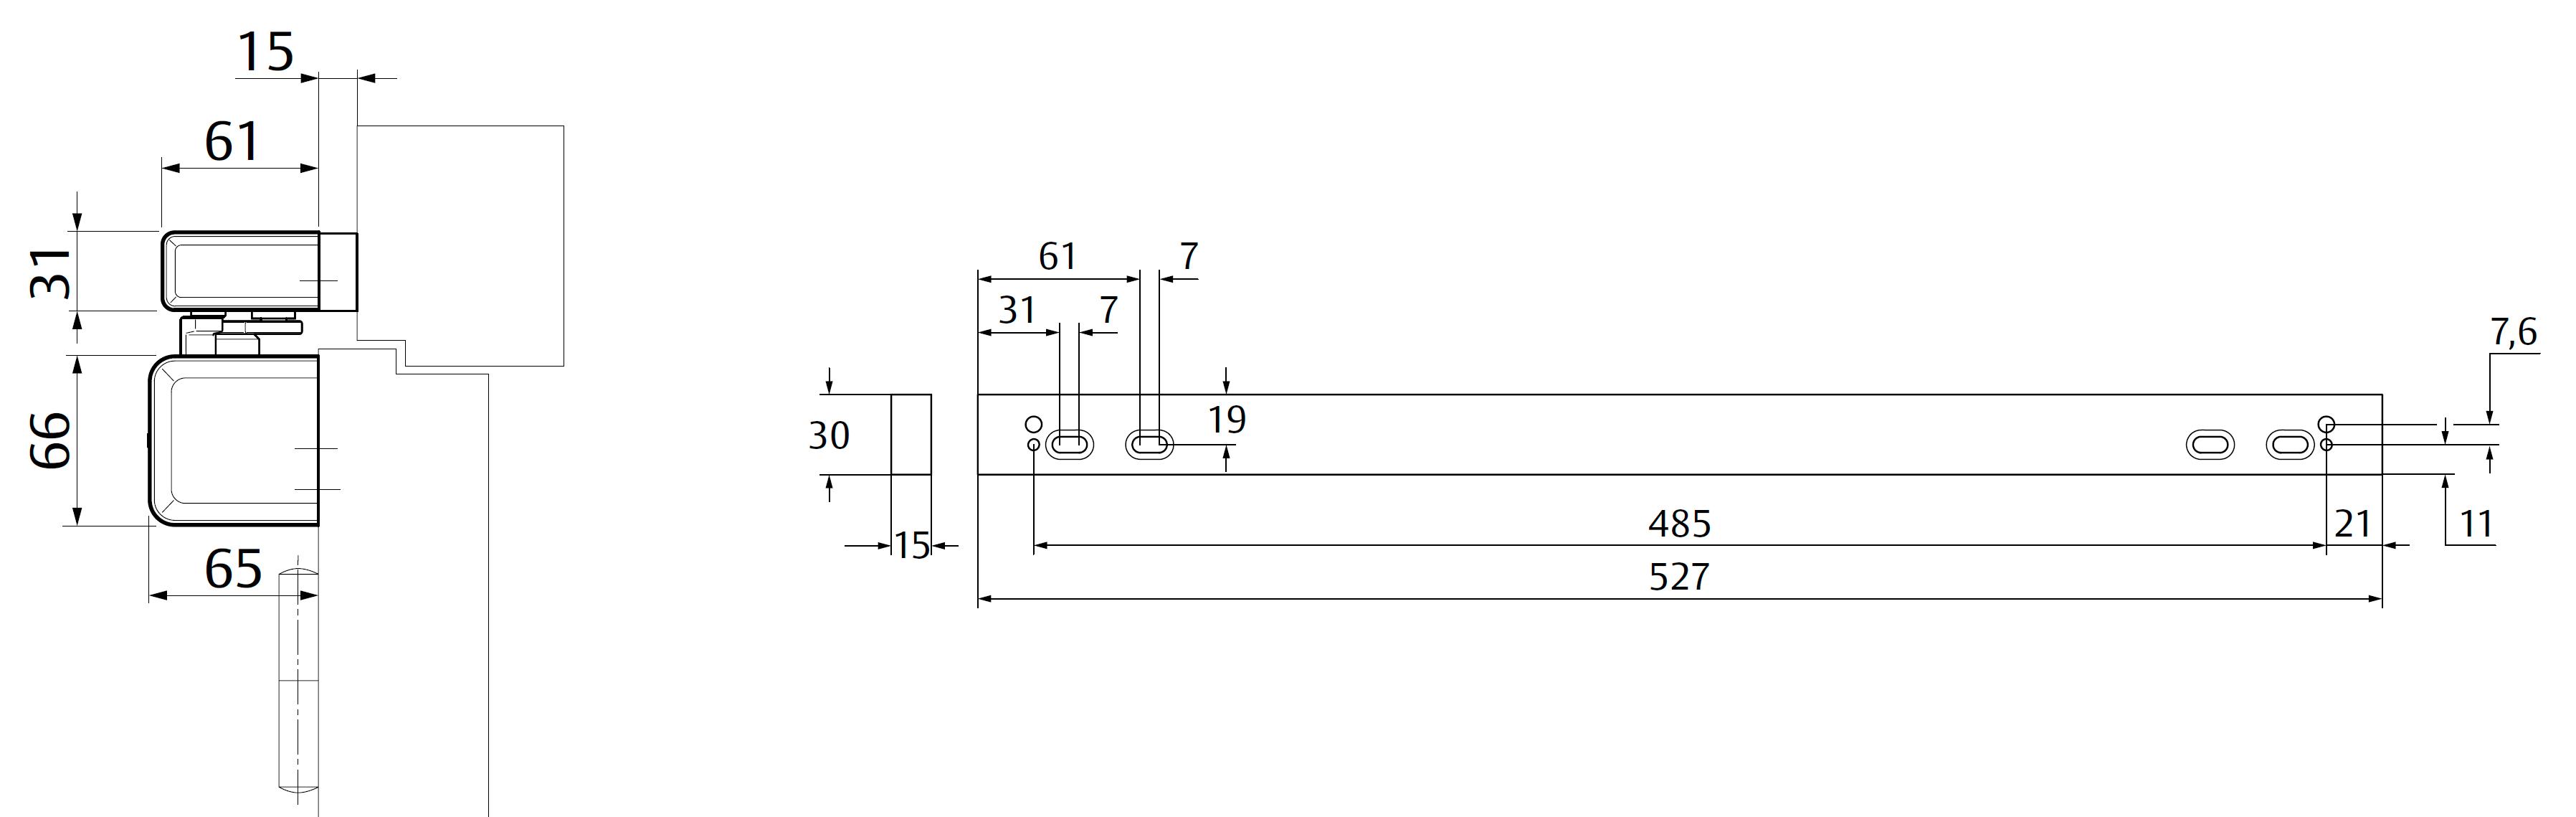 Крепежная пластина A260 / 15 мм Для монтажа скользящей тяги к дверям с притвором. Комбинация с A230, A240, A250